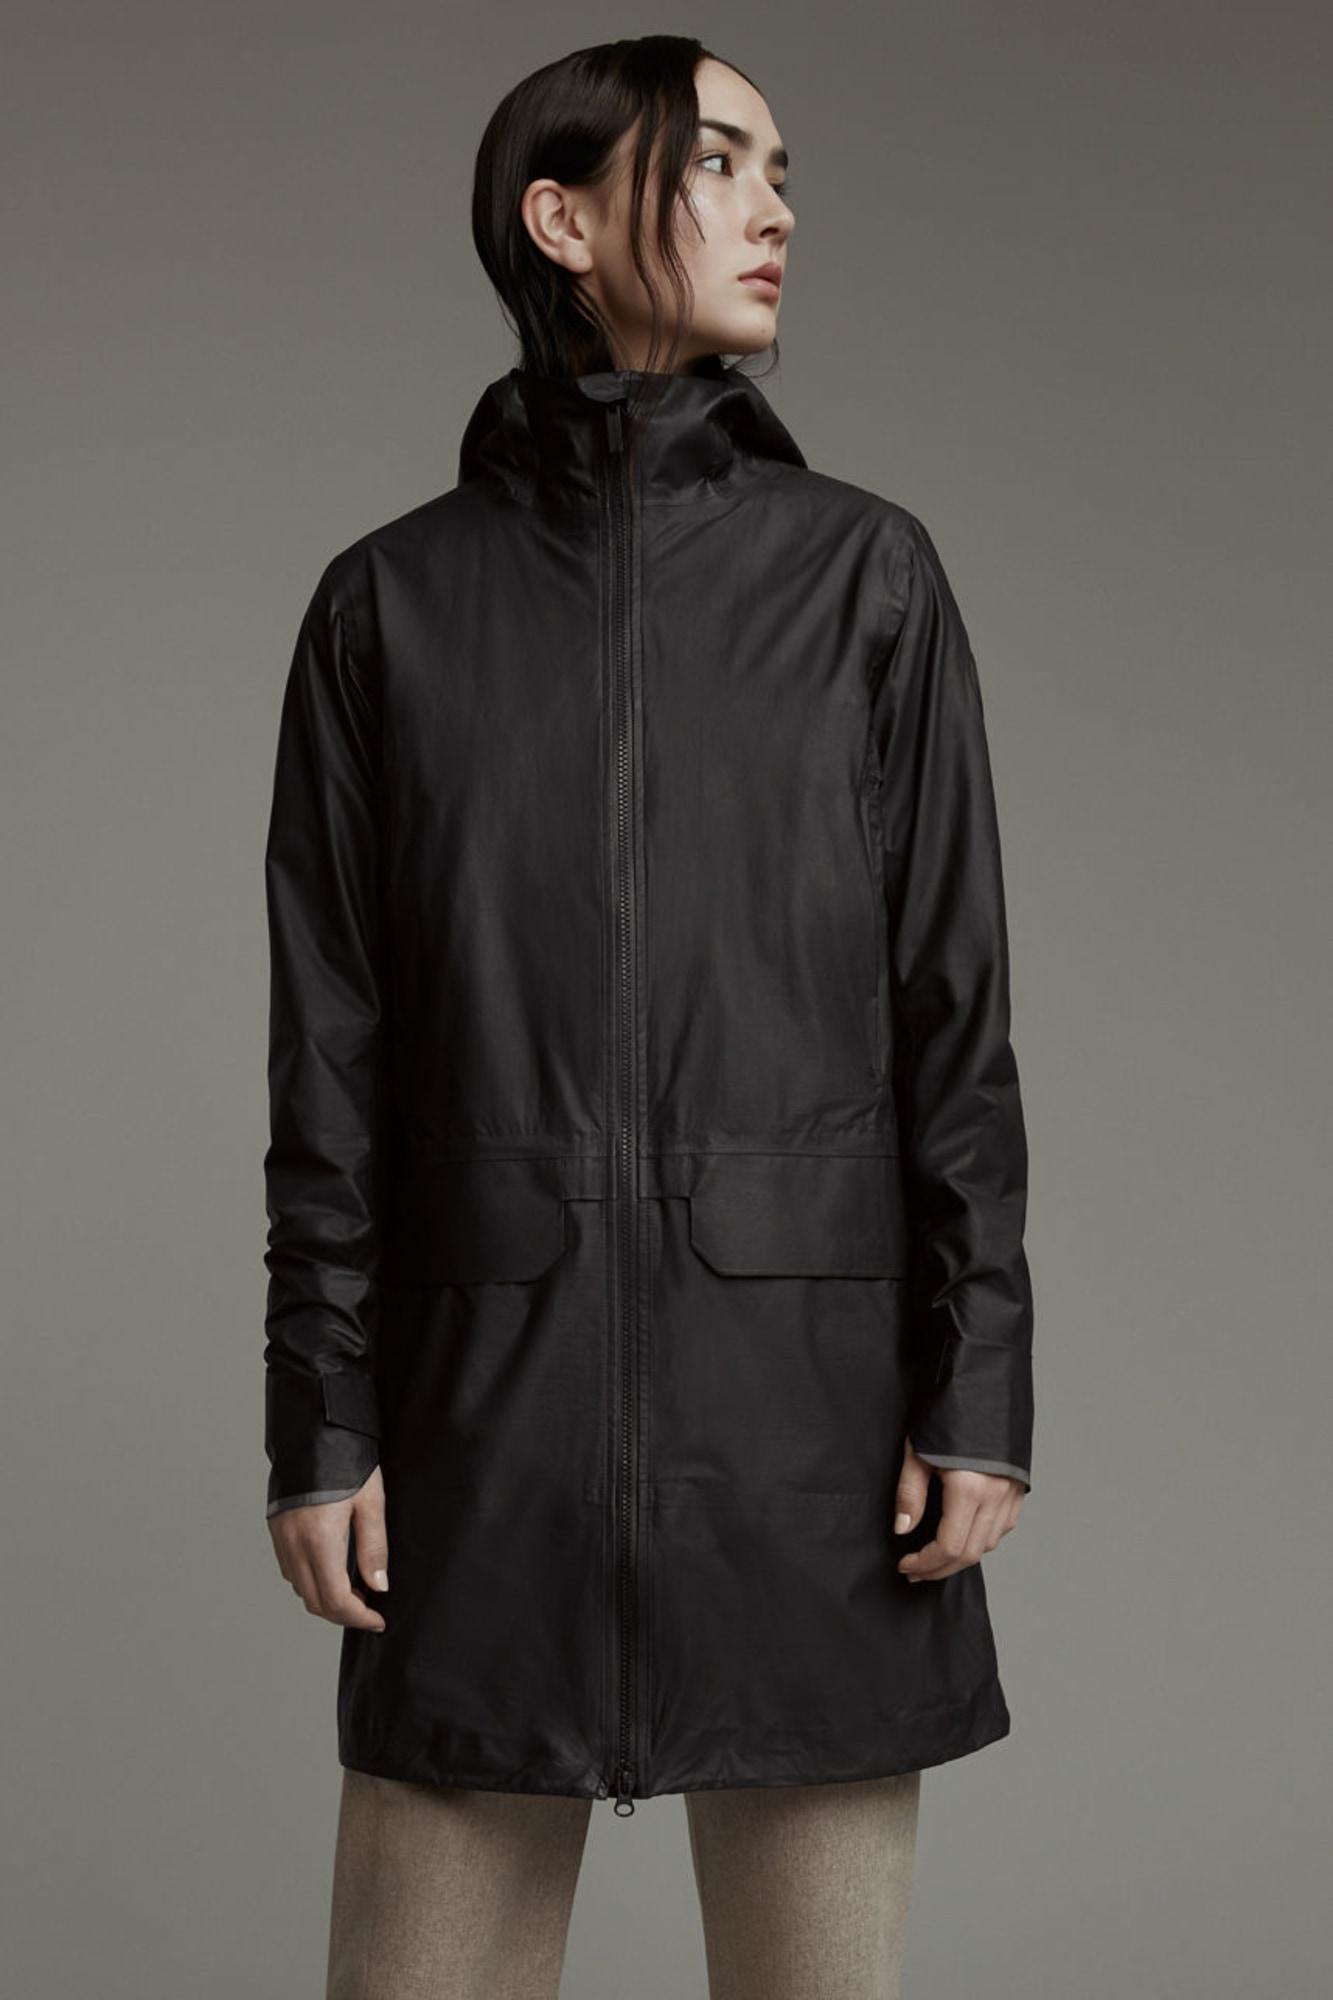 2c19f1154 Women's Nomad Jacket | Canada Goose®